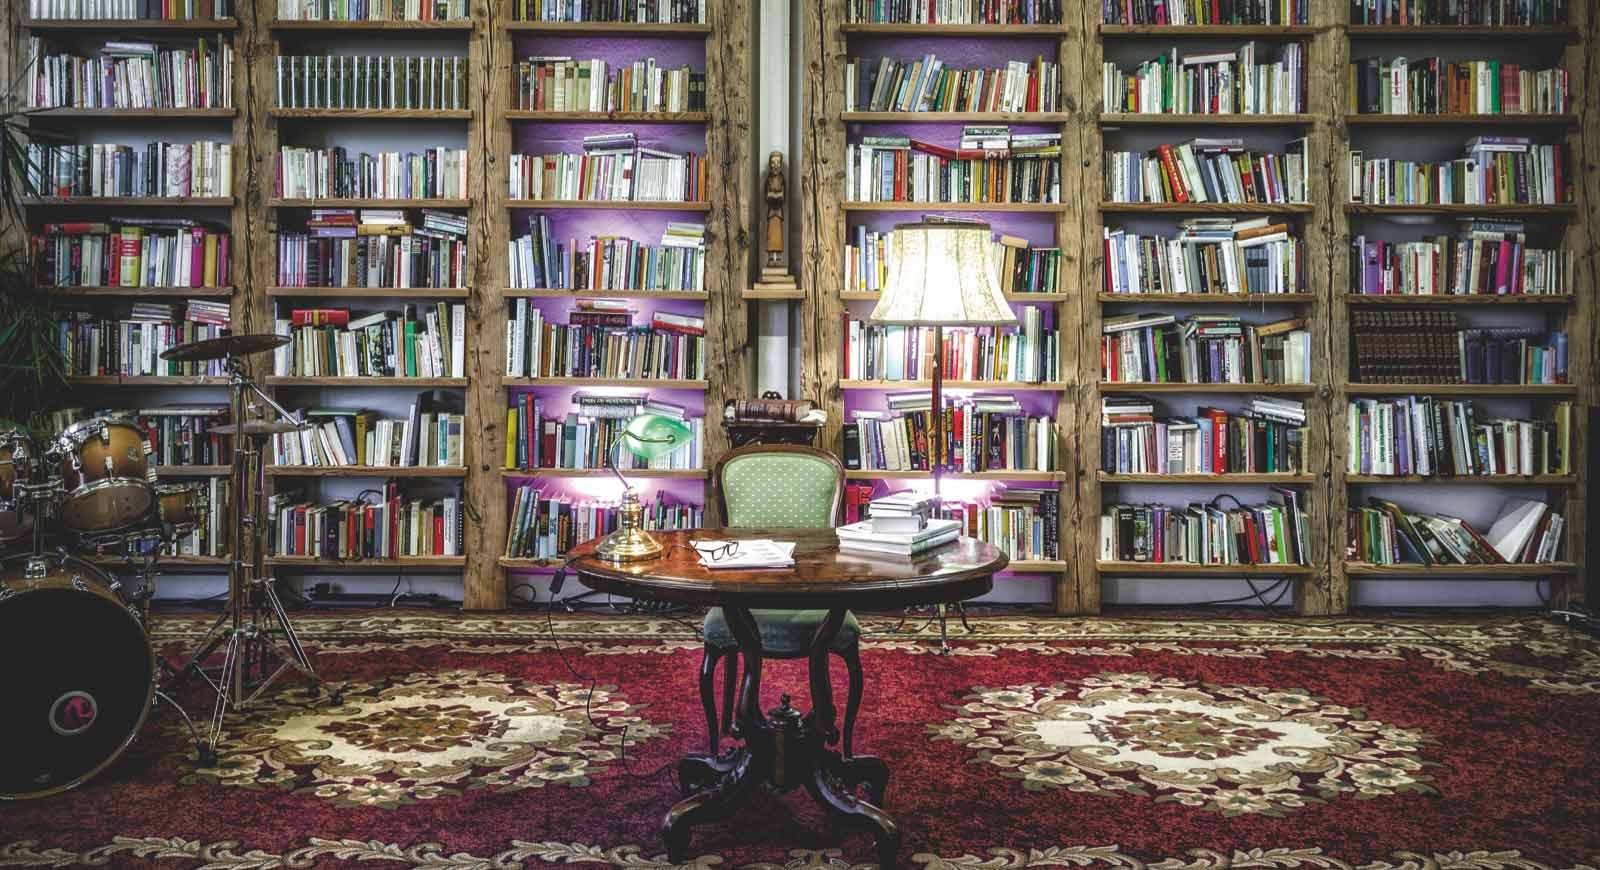 Literaturwohnzimmer im Verlag Keiper.